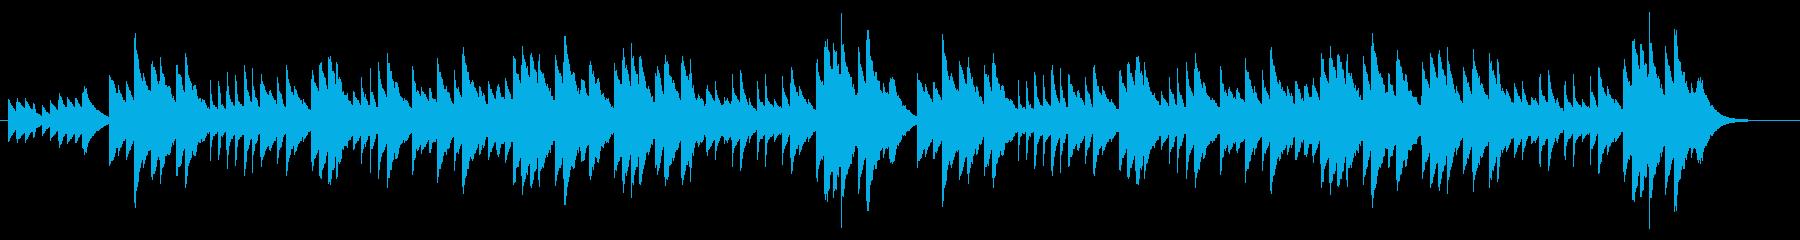 オルゴール思い出のアルバム(MONO)の再生済みの波形